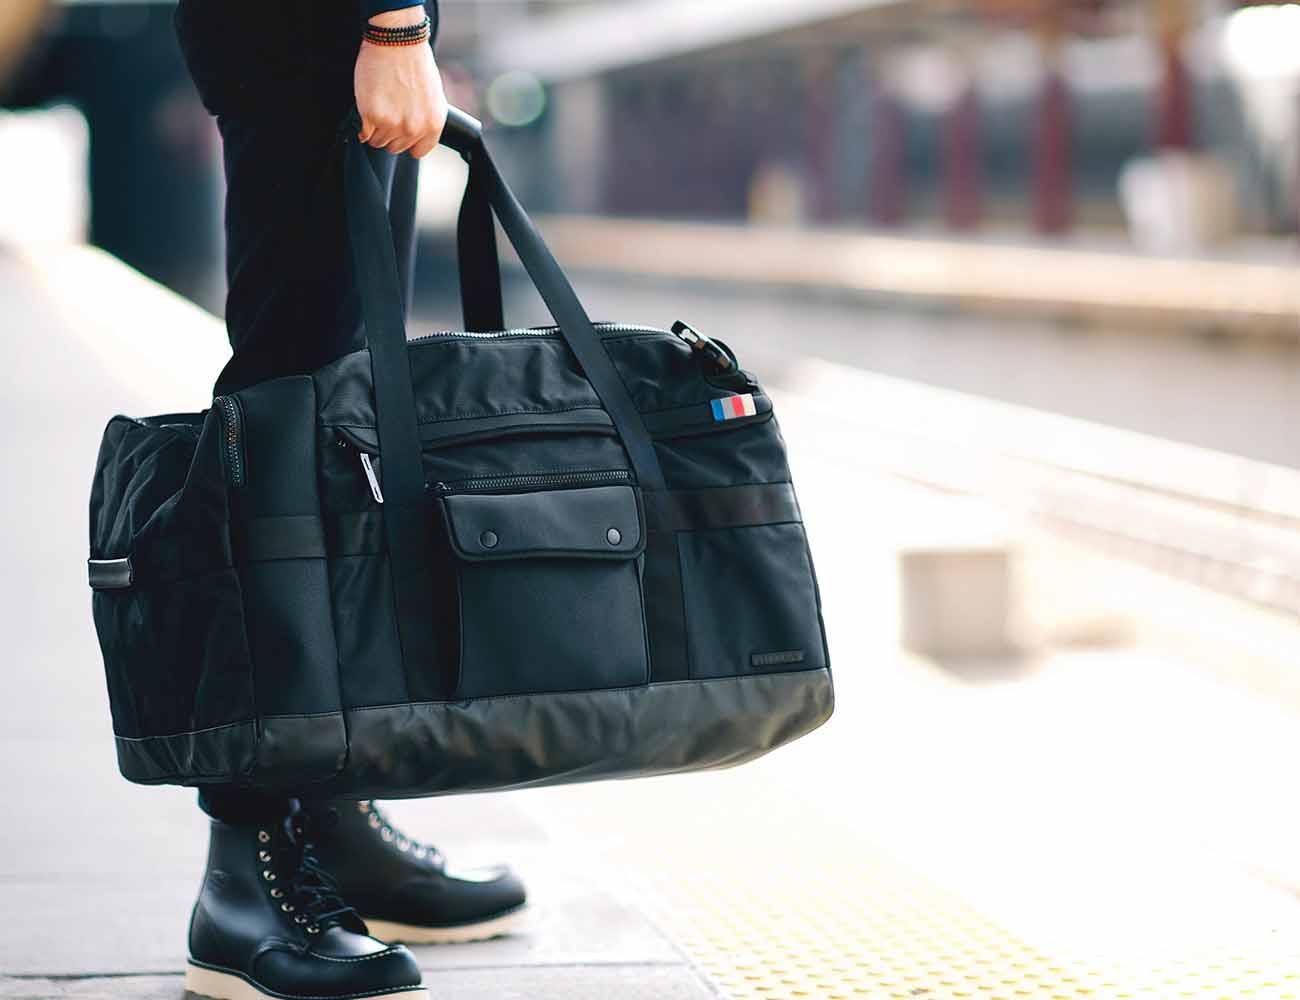 Tahoe Duffel Bag by Lexdray